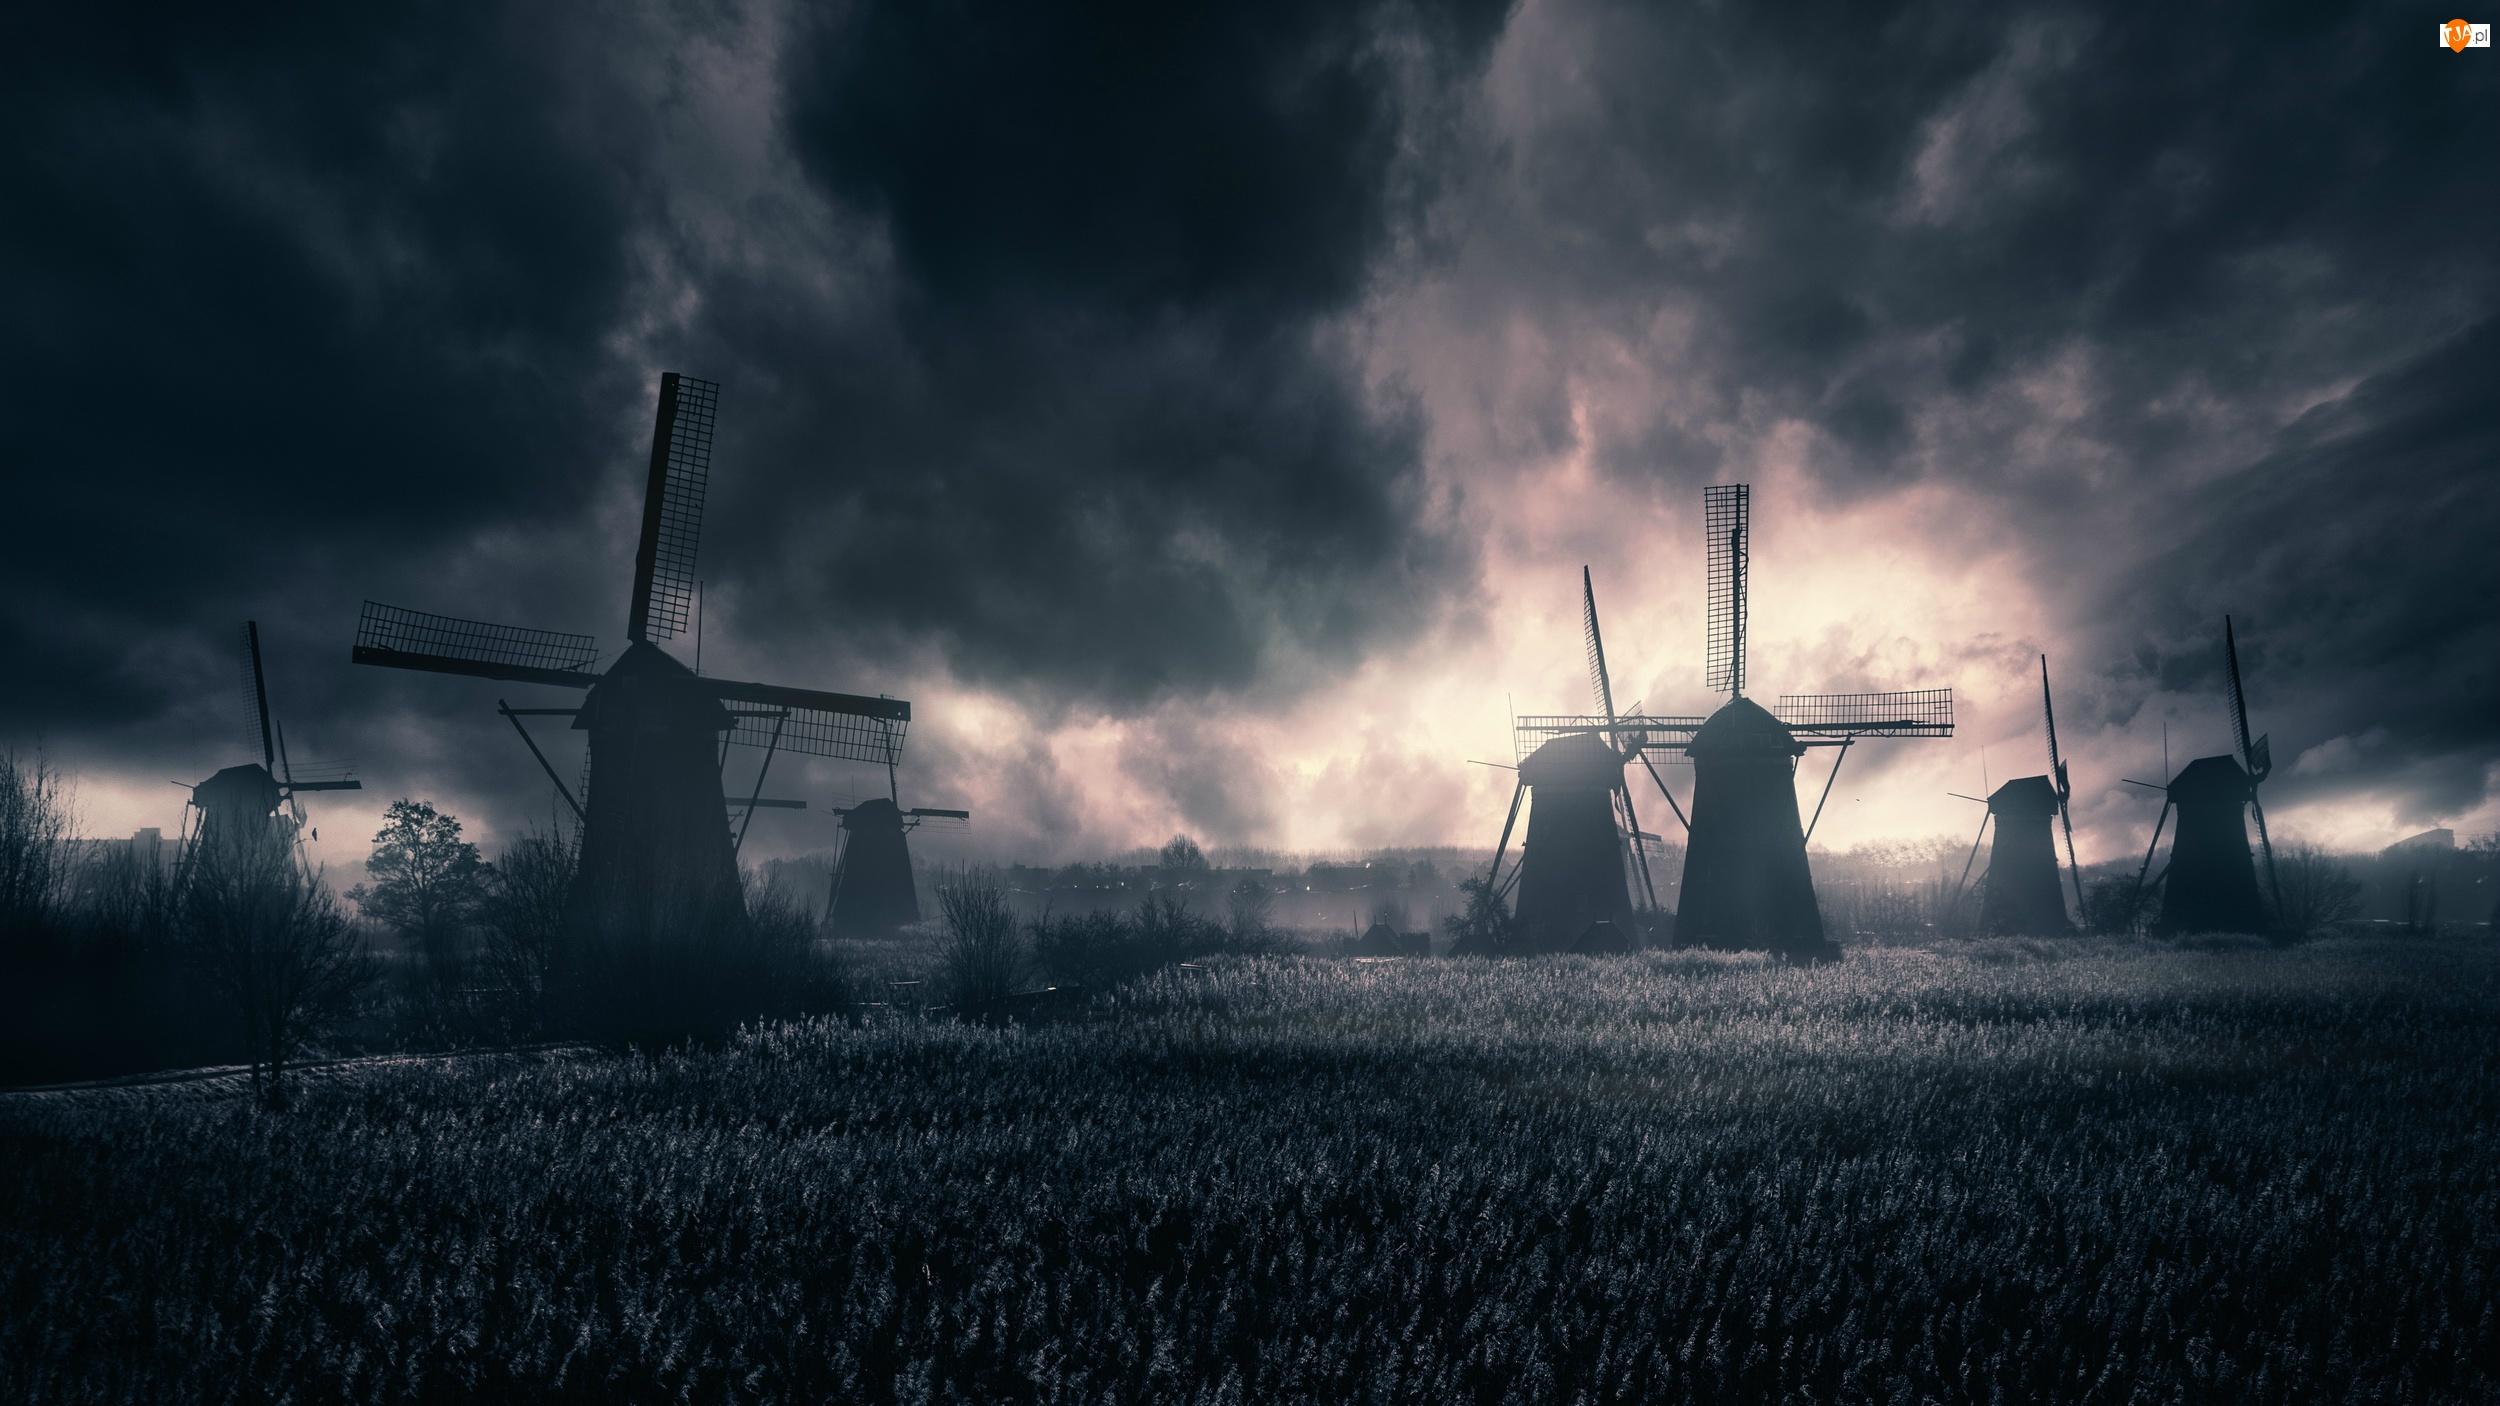 Ciemne, Wiatraki, Holandia, Pole, Wieś Kinderdijk, Chmury